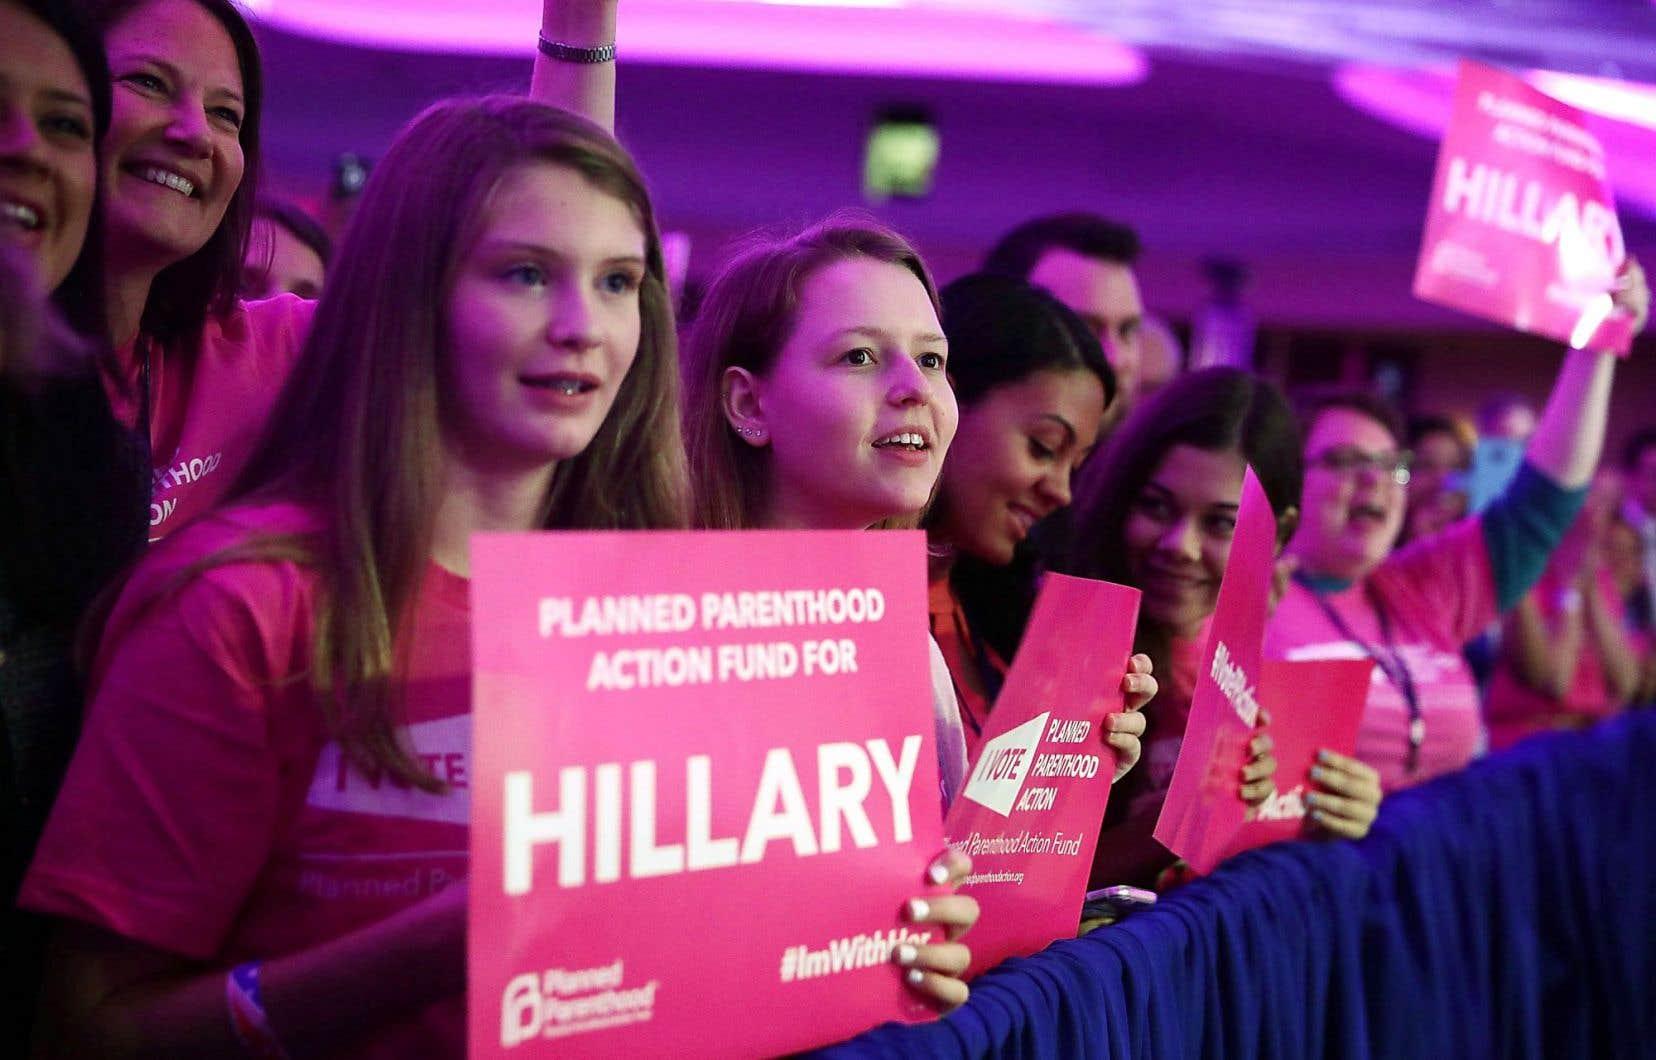 Des partisanes d'Hillary Clinton, dans un rassemblement organisé par l'organisme Planned Parenthood, vendredi